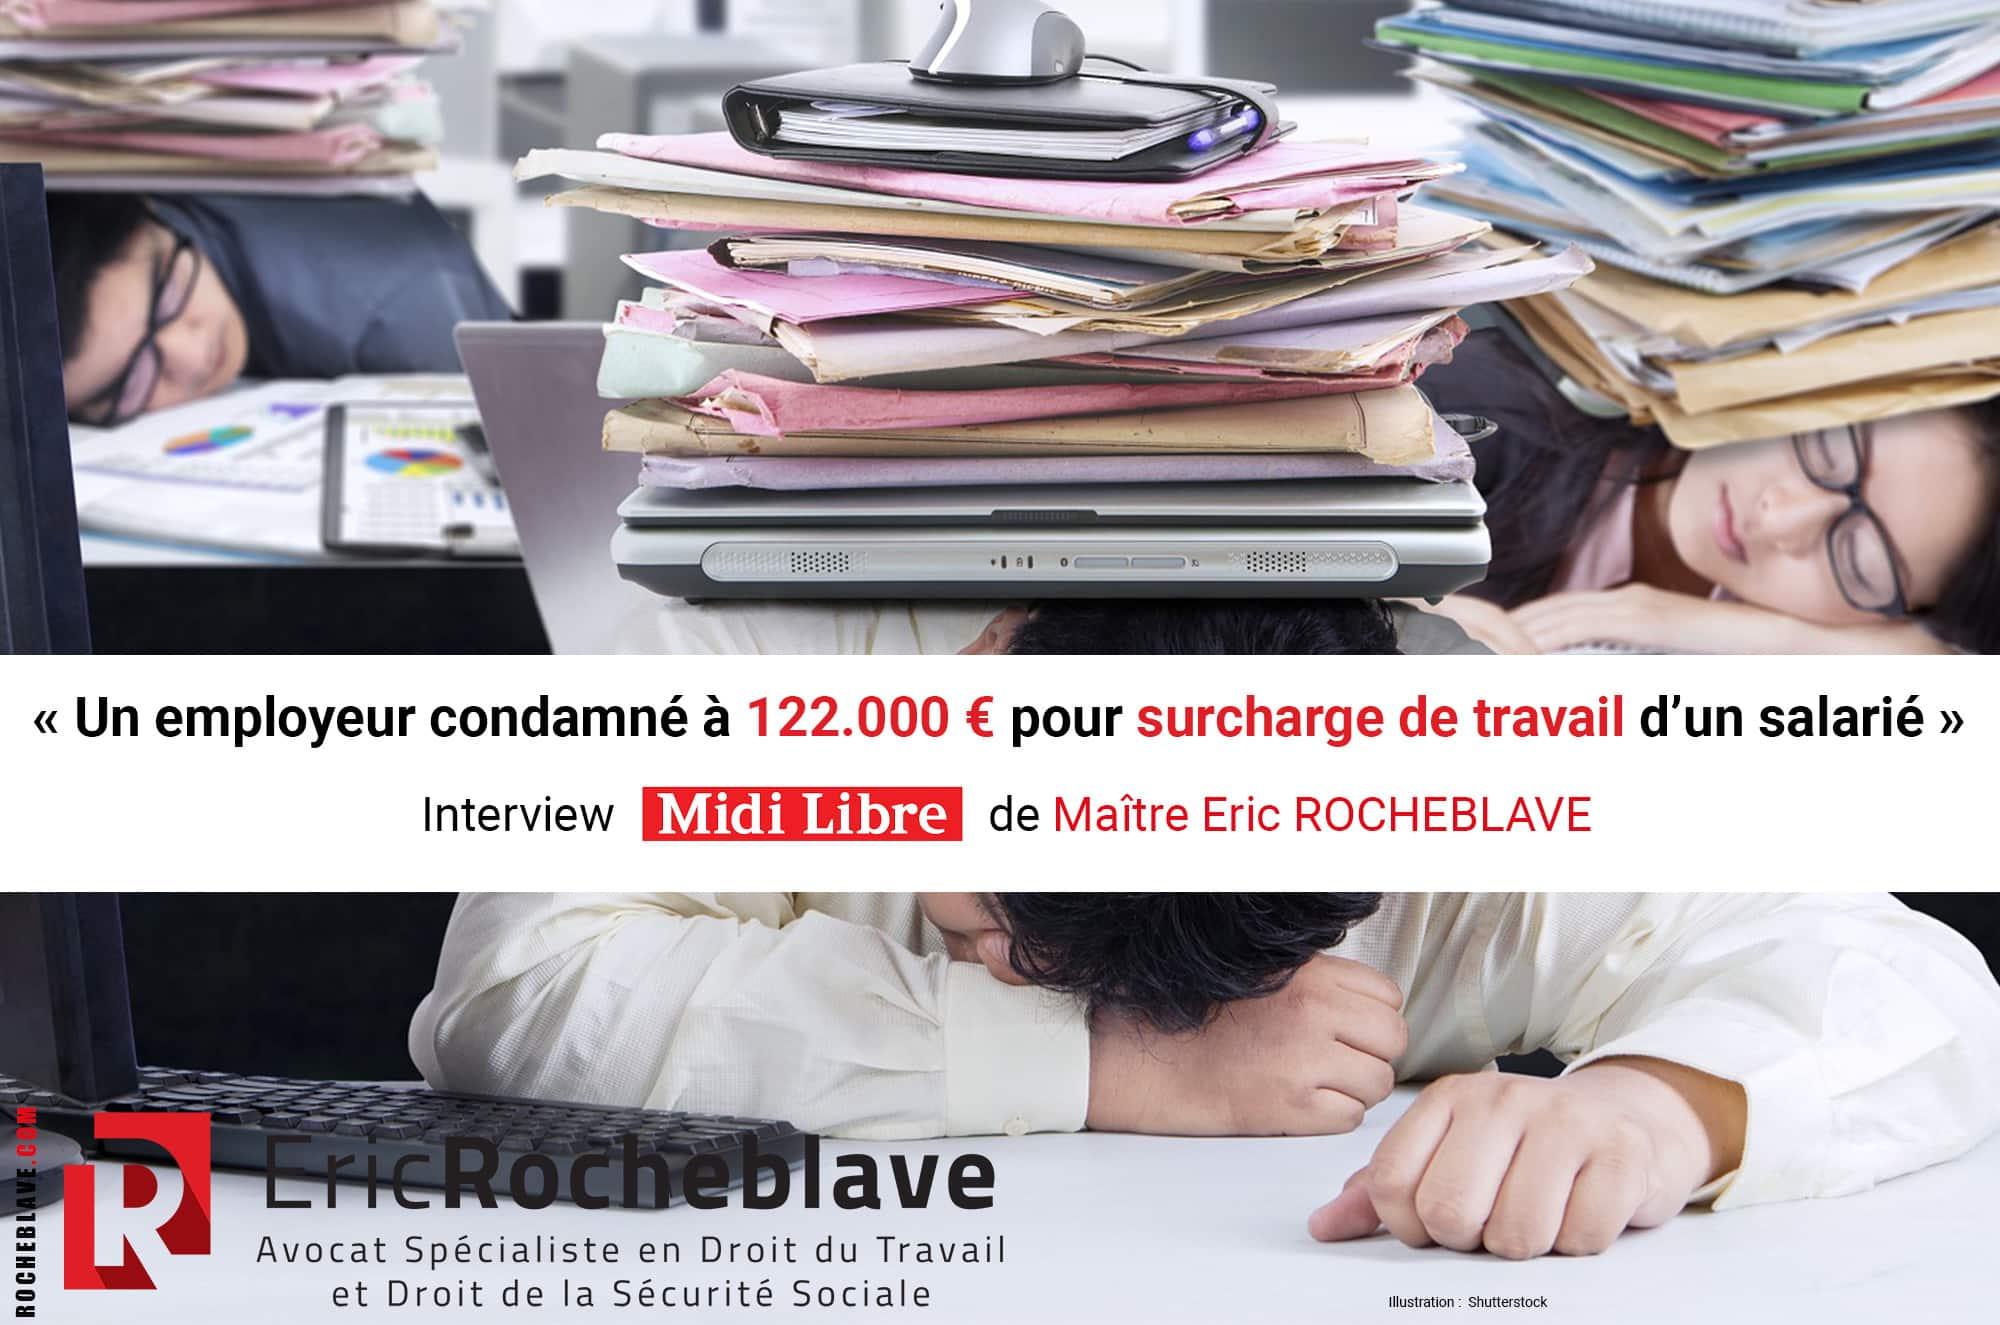 « Un employeur condamné à 122.000 € pour surcharge de travail d'un salarié » Interview Midi Libre Eric ROCHEBLAVE